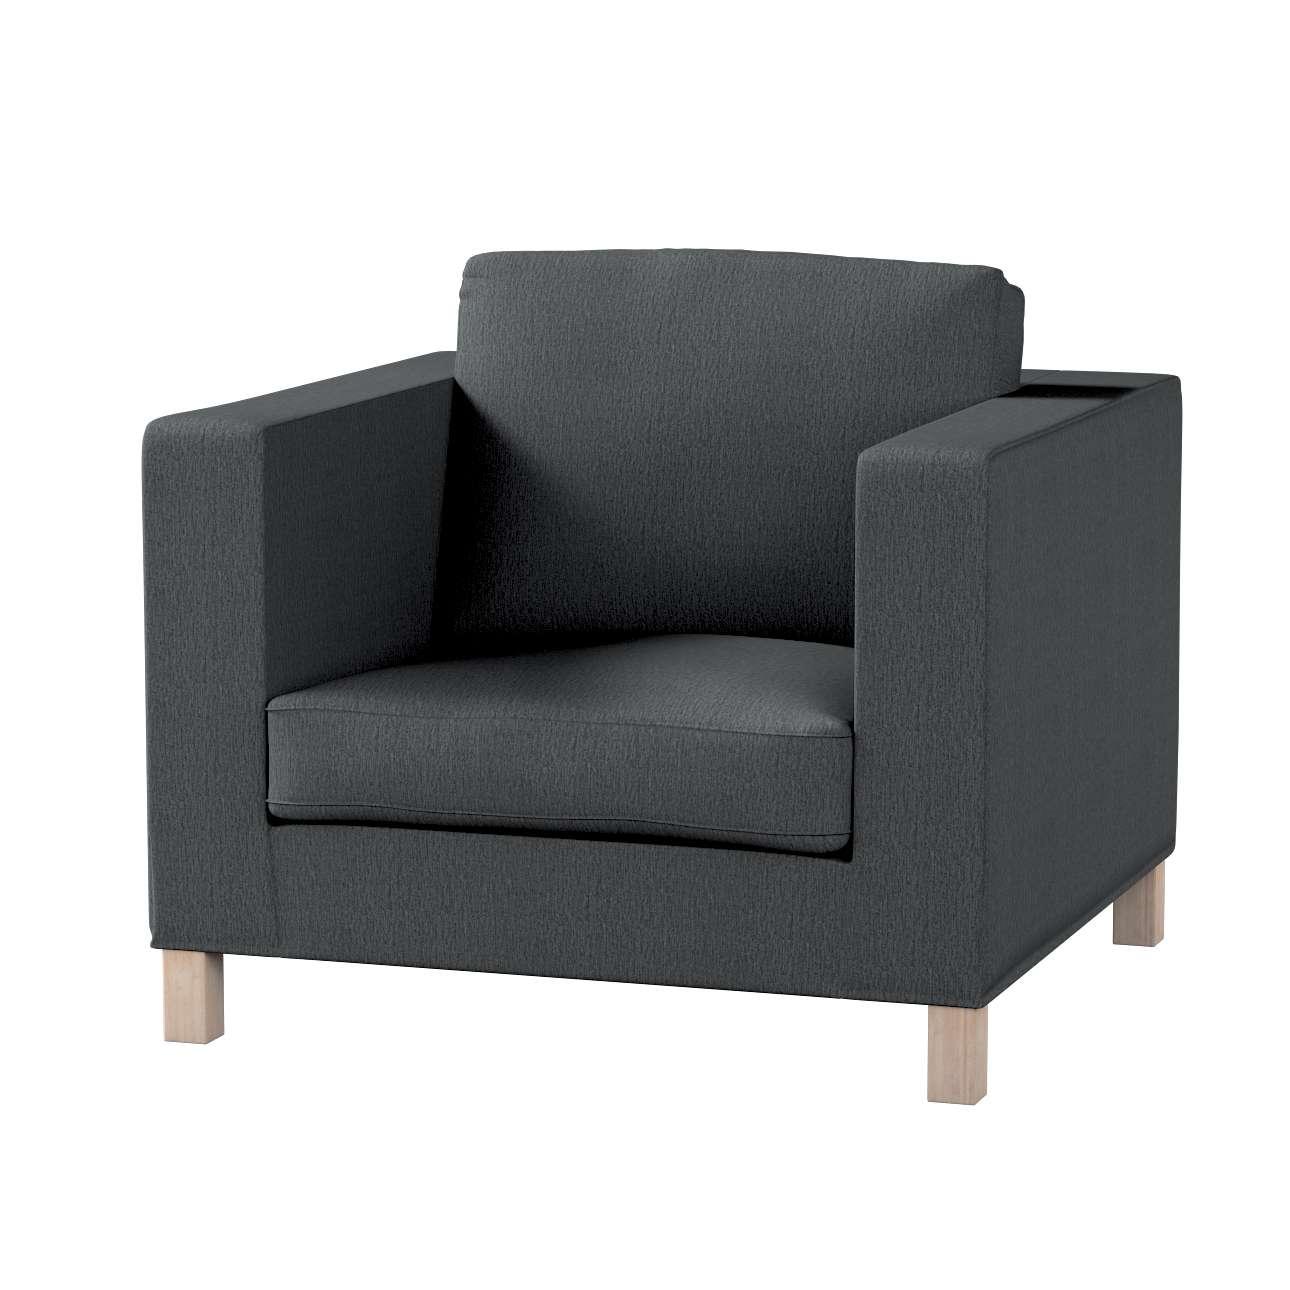 KARLANDA fotelio užvalkalas KARLANDA fotelio užvalkalas kolekcijoje Chenille, audinys: 702-20